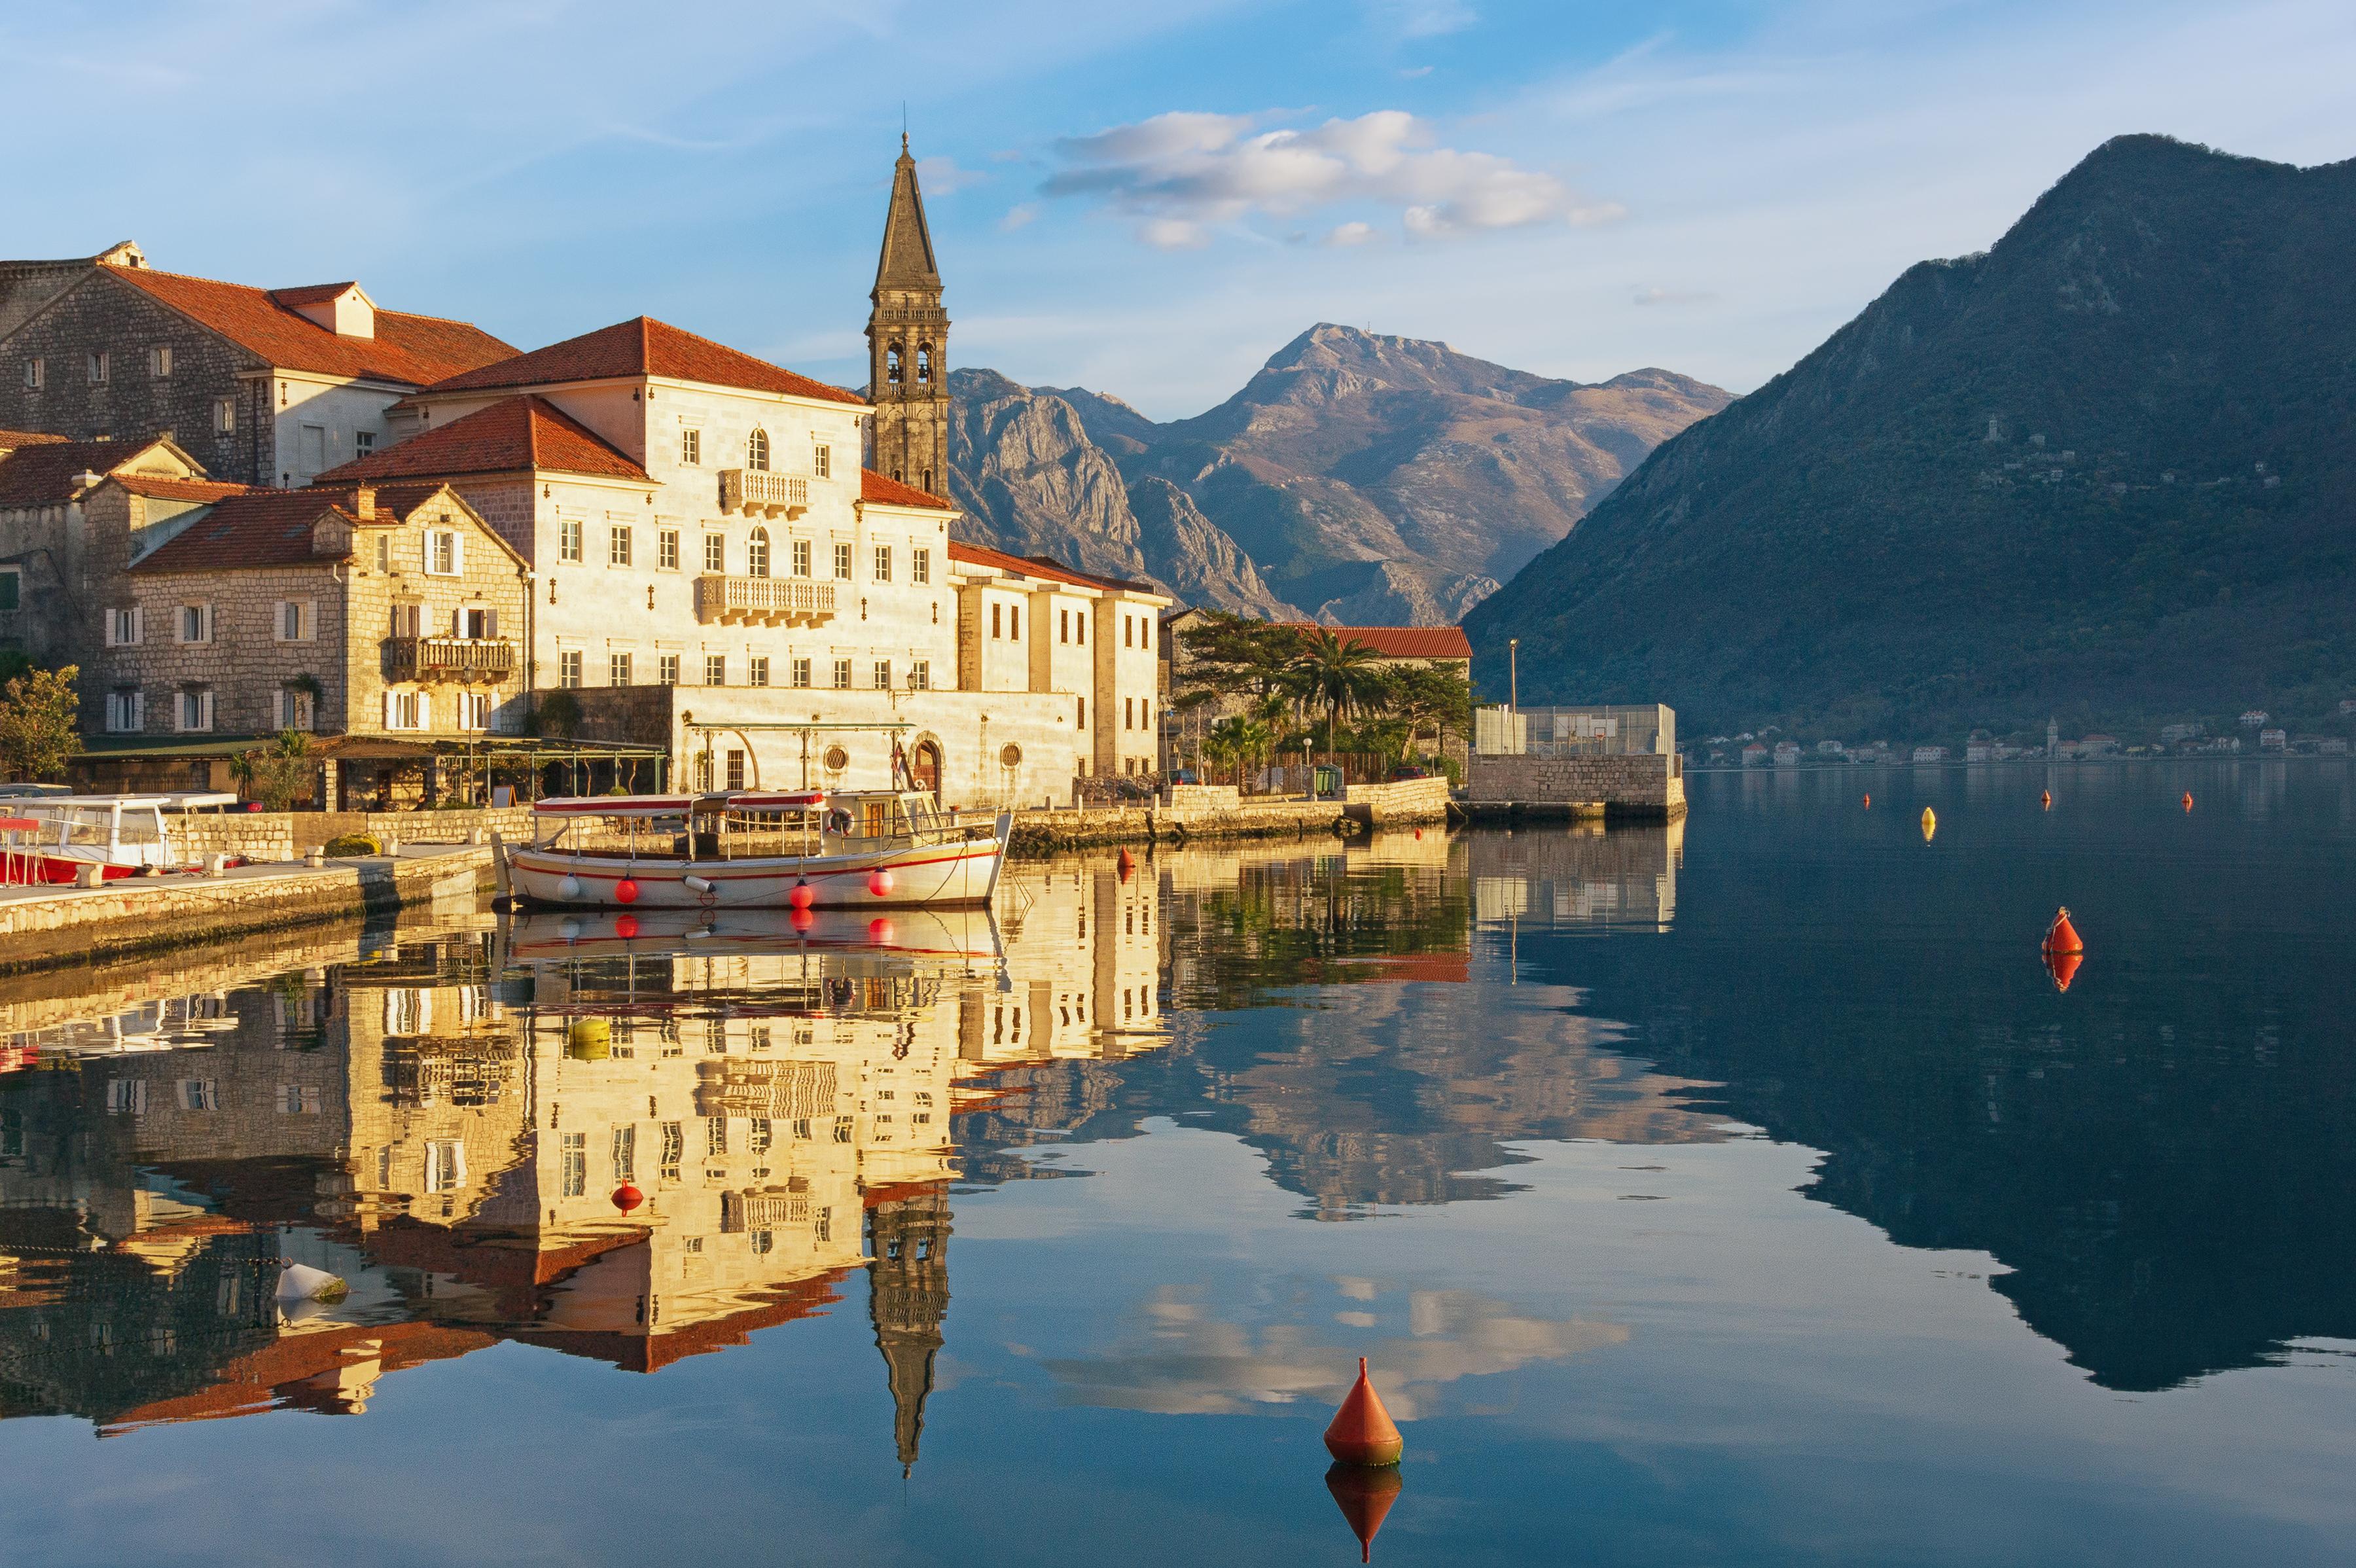 Una pequeña isla artificial con un santuario en honor a la virgen María nos espera en Perast - Croacia Circuito Gran tour de Croacia e Istria